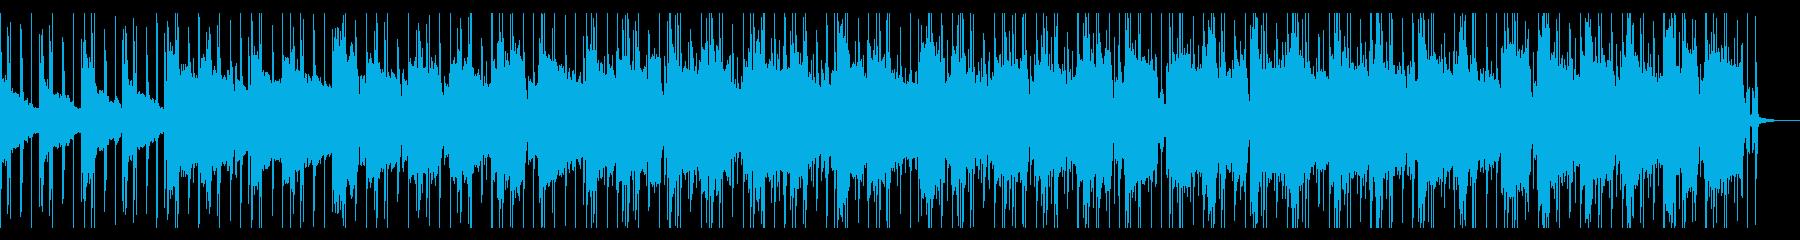 トラップ風のおしゃれなヒップホップの再生済みの波形